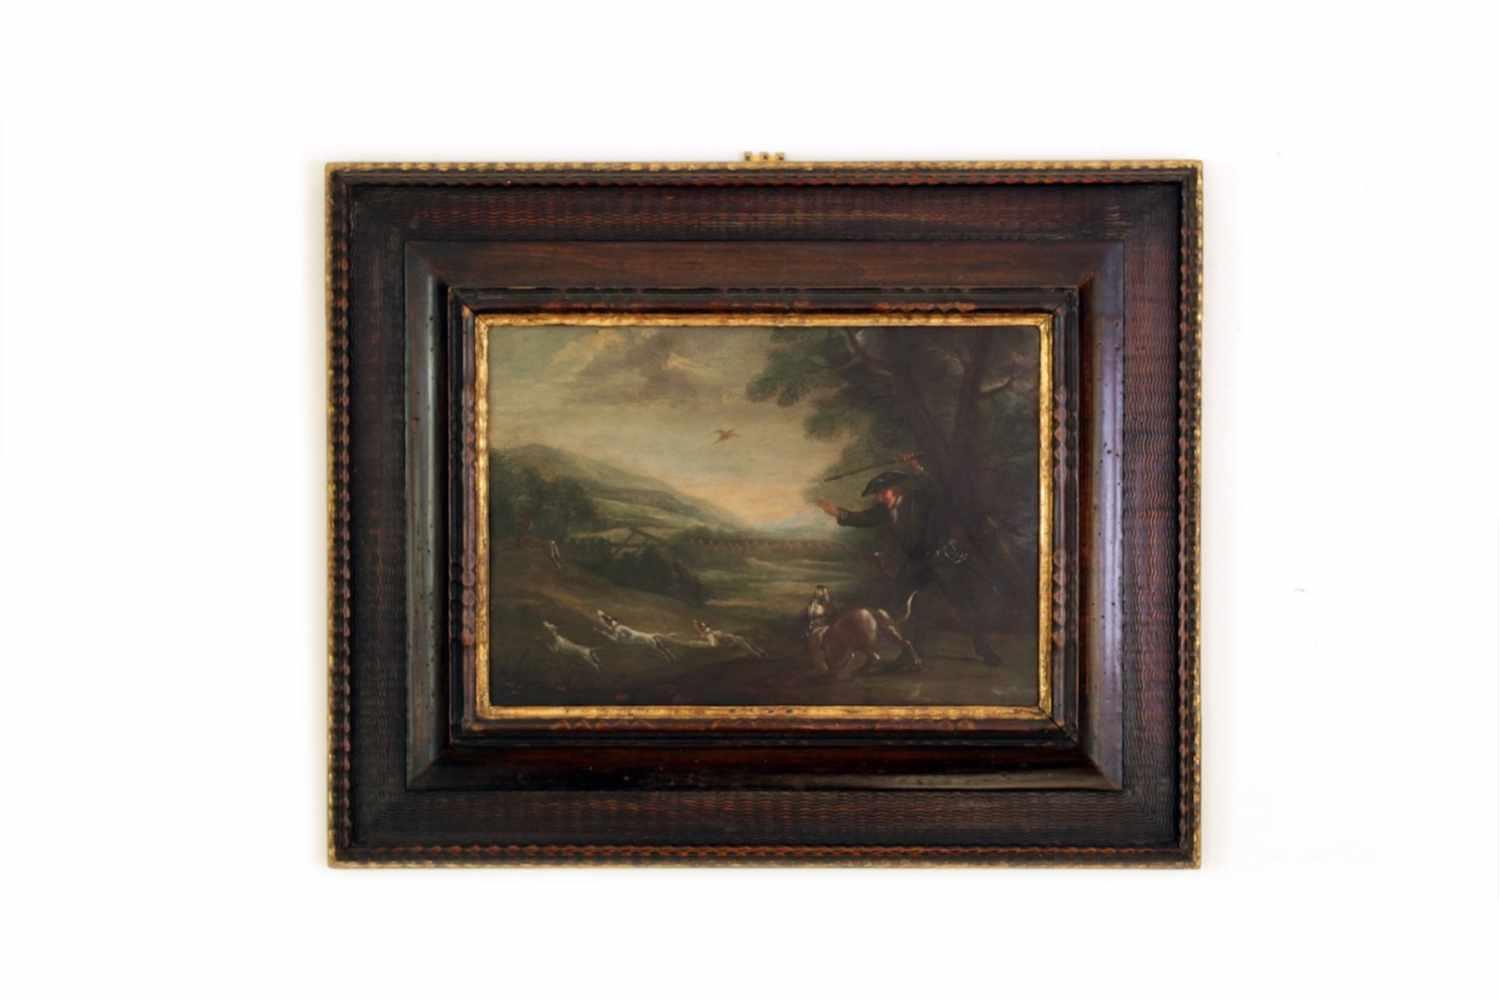 ZWEI JAGDBILDER 2 Jagdbilder, Öl auf Kupfer, 17. Jhdt., 41 x 28 cm - Image 3 of 3